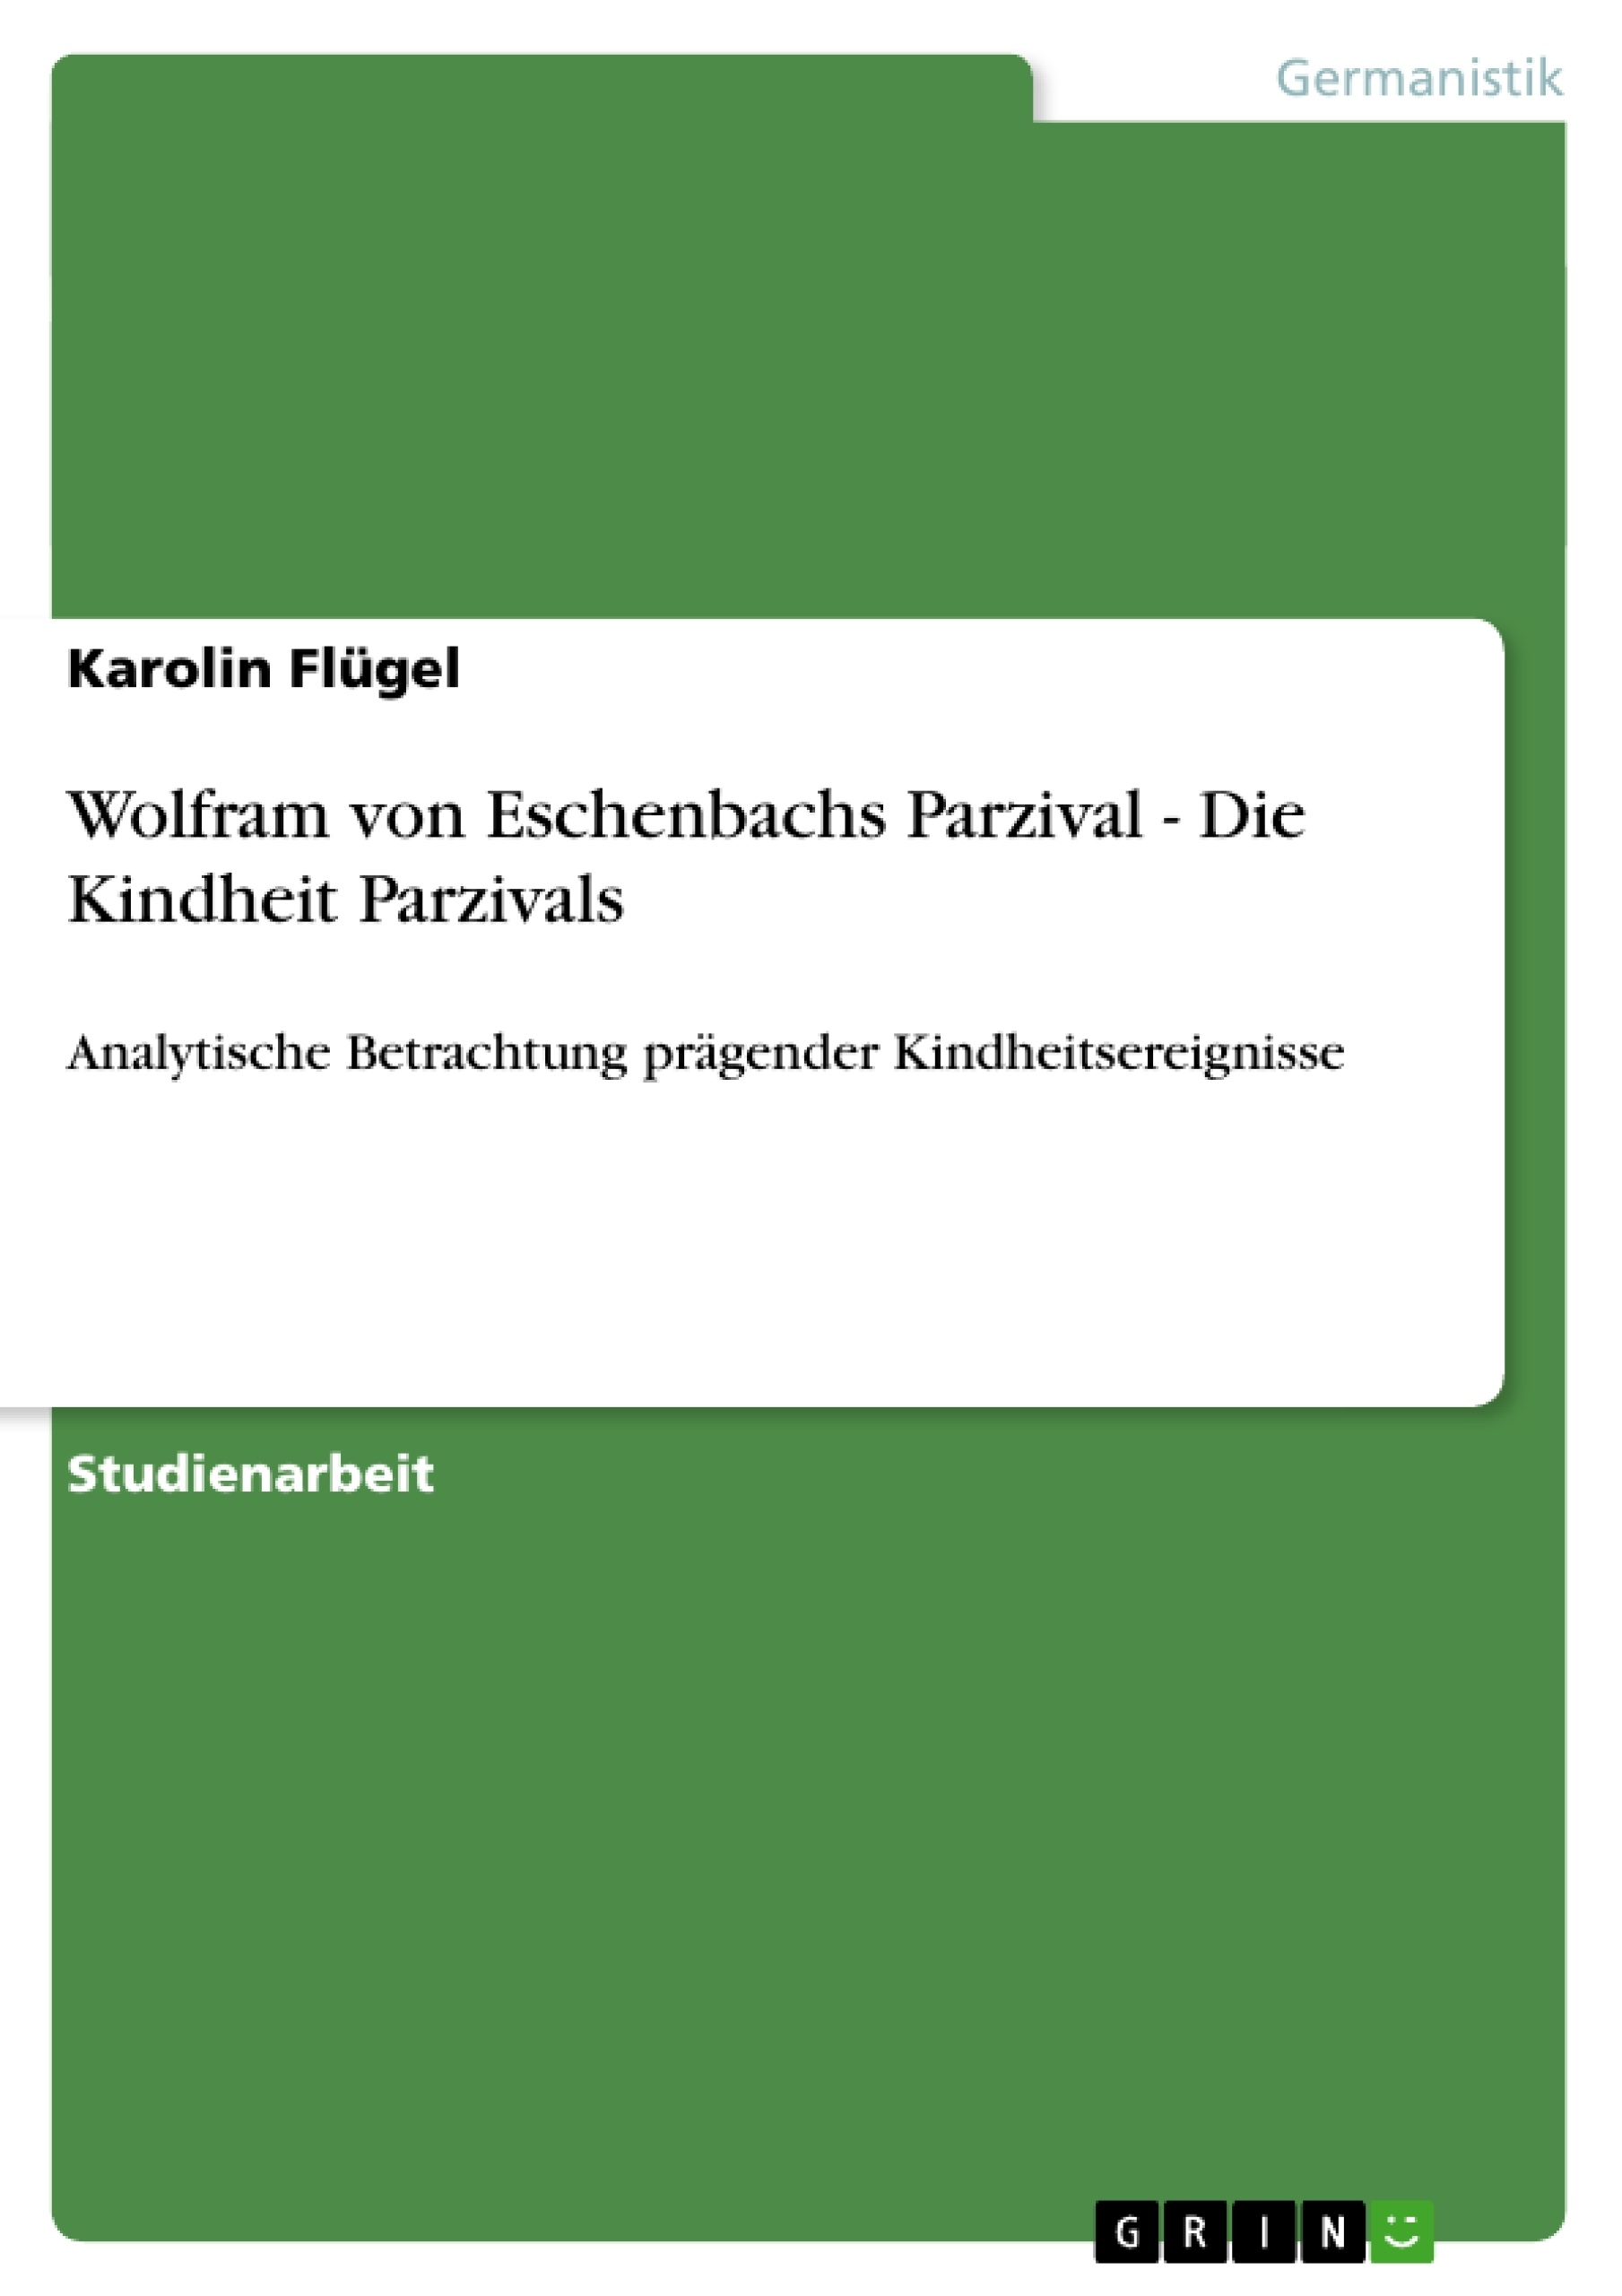 Titel: Wolfram von Eschenbachs Parzival - Die Kindheit Parzivals